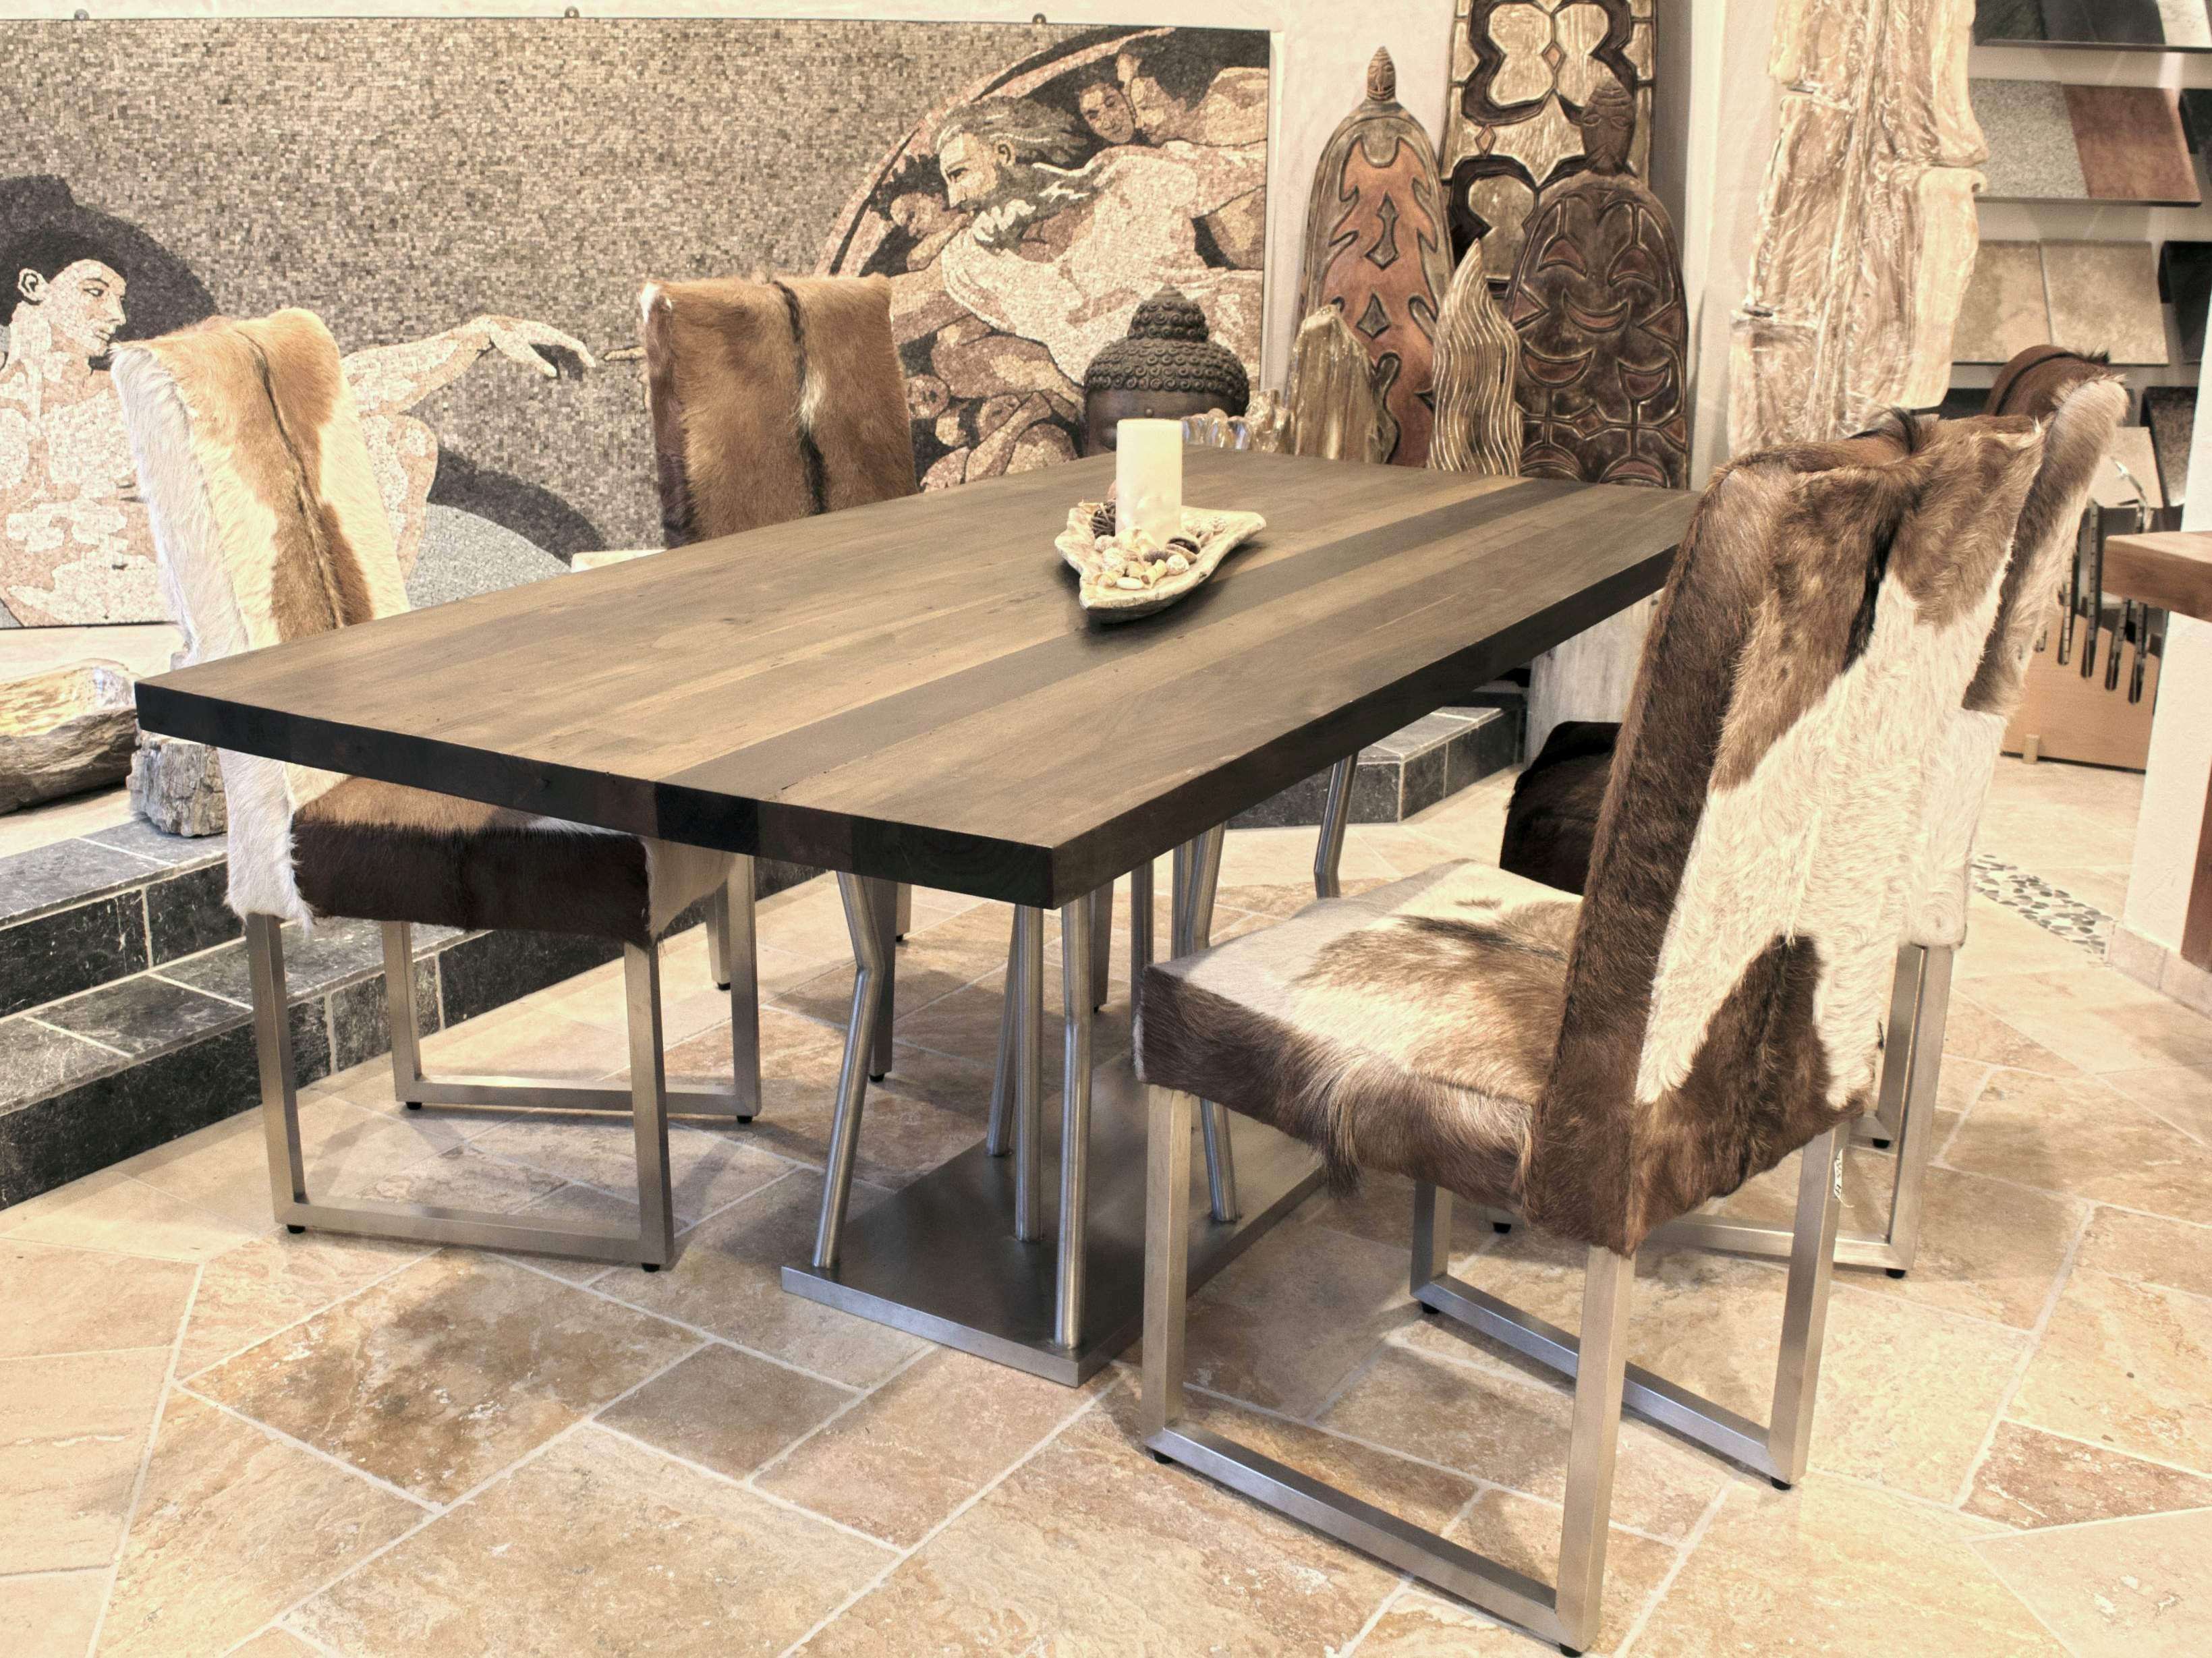 esstisch mit tischgestell aus edelstahl 200 x 100 cm der tischonkel. Black Bedroom Furniture Sets. Home Design Ideas